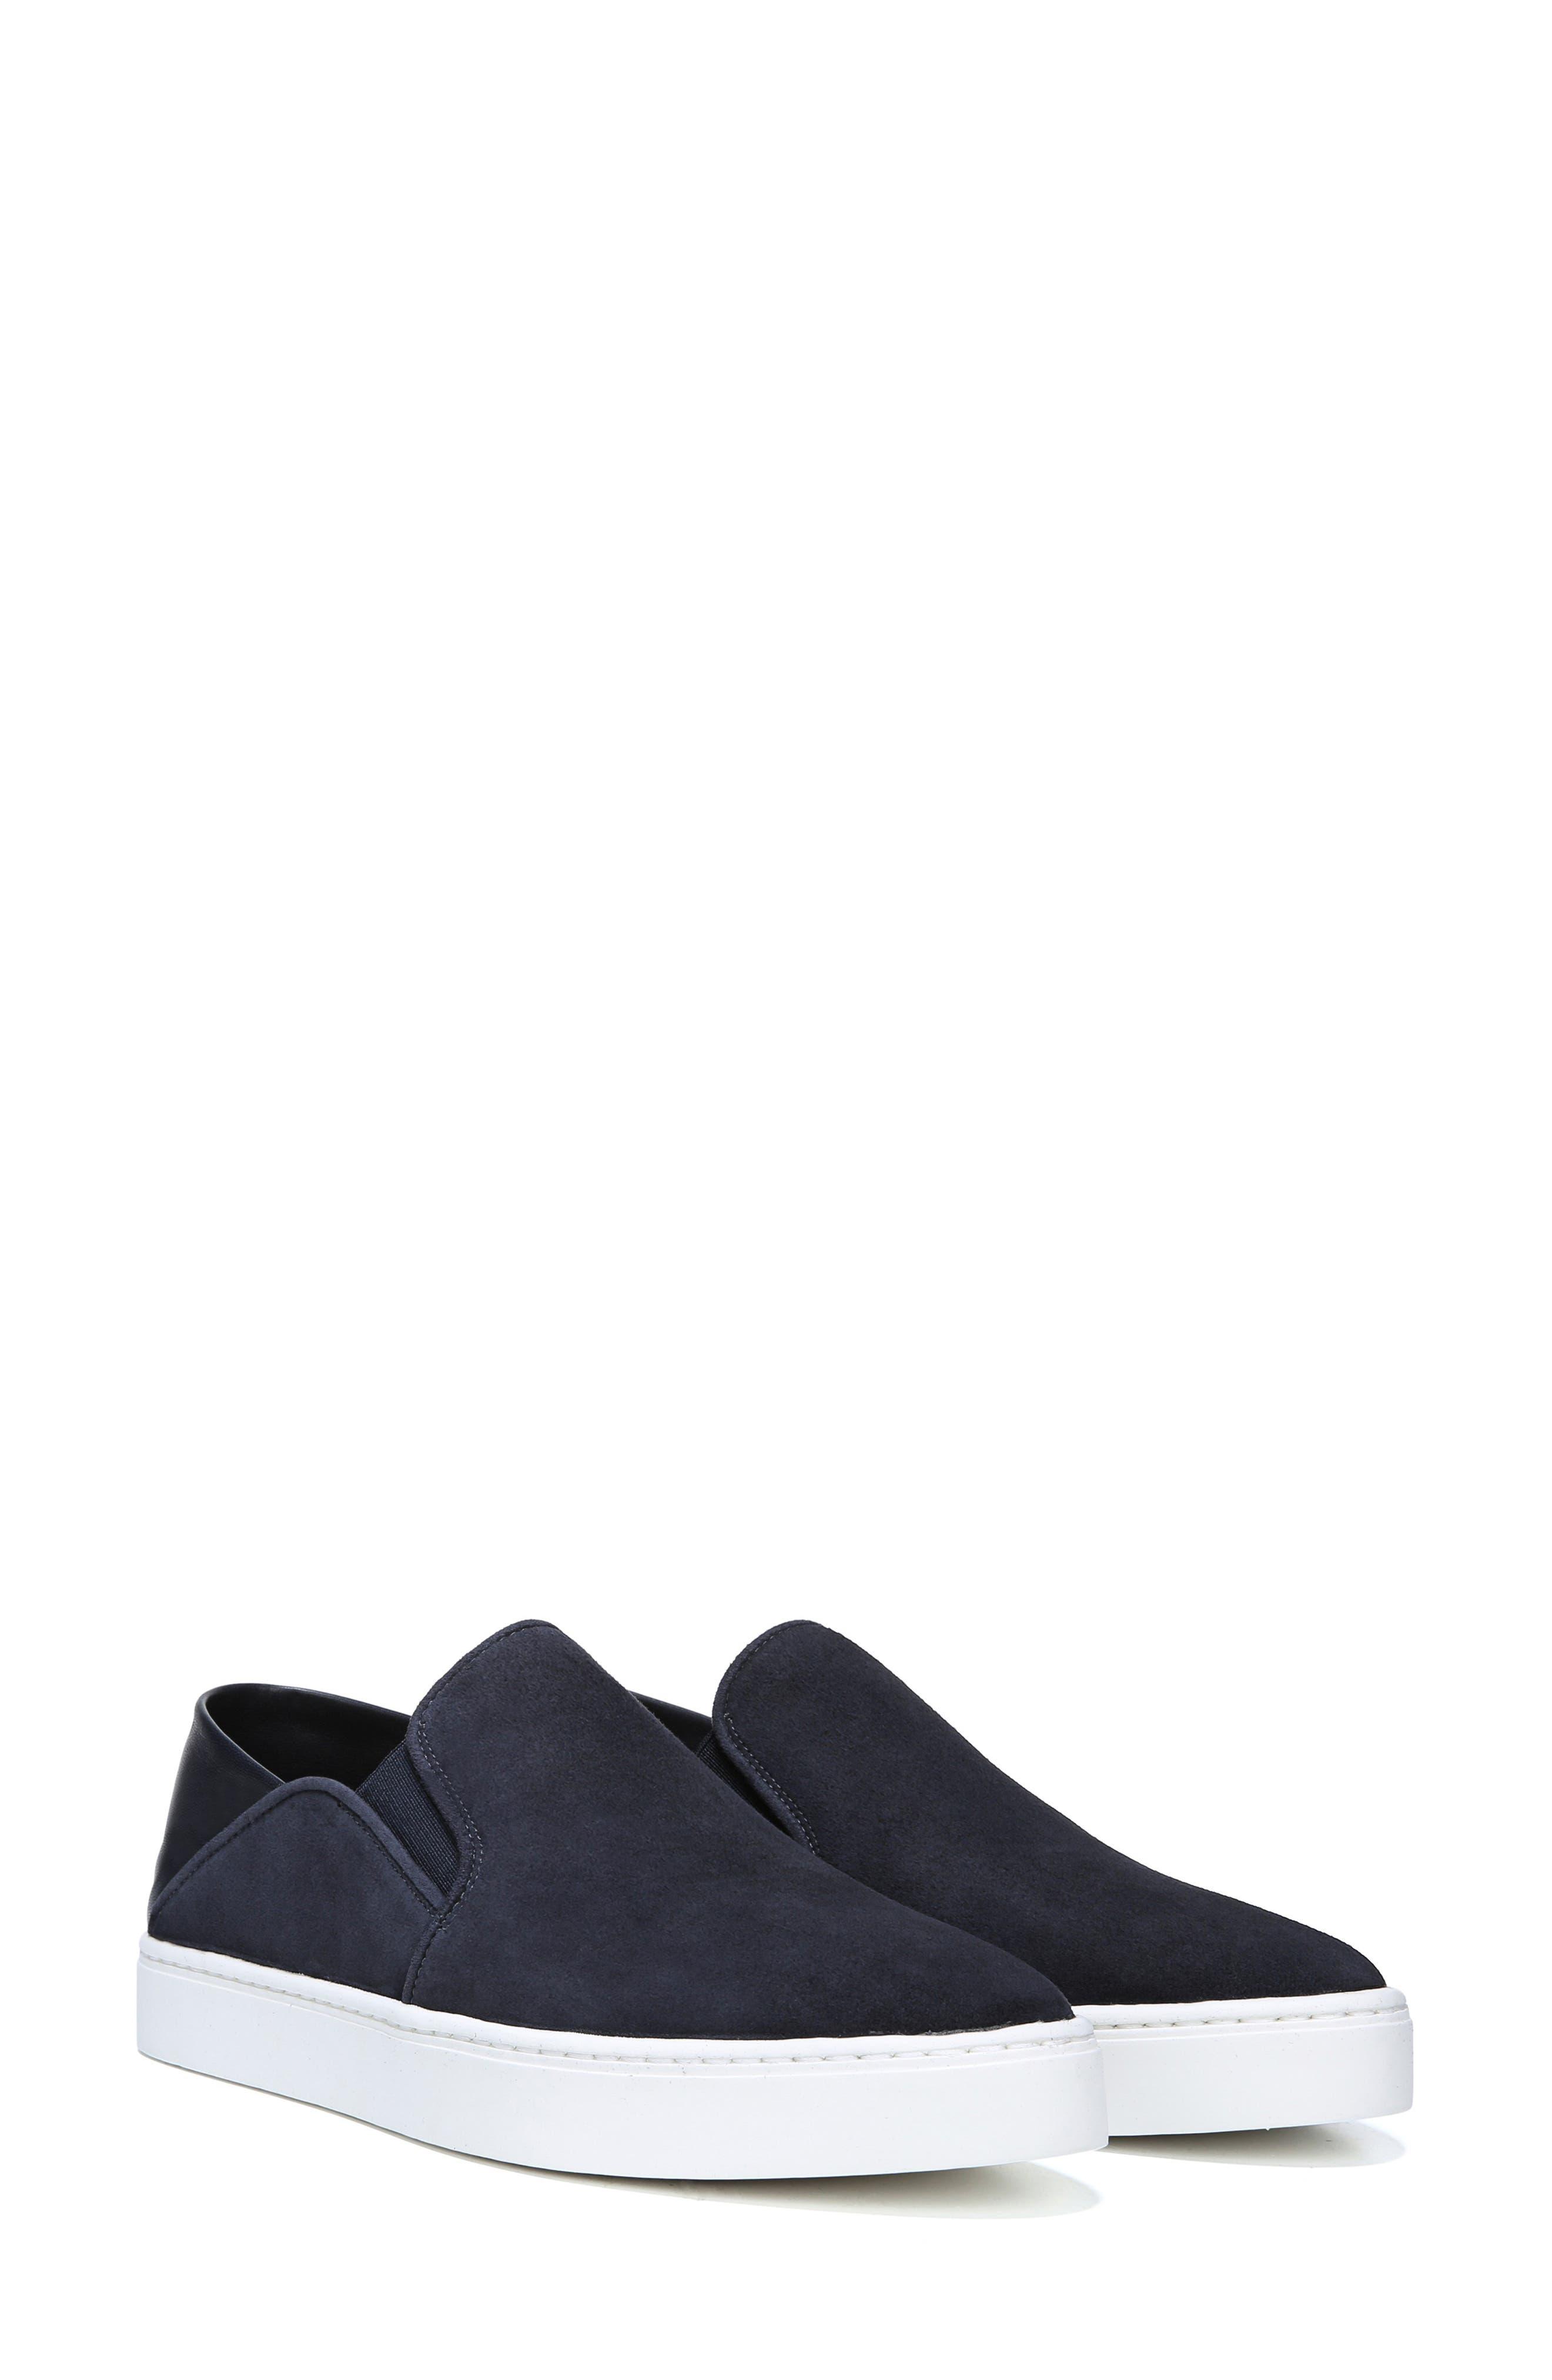 VINCE, Garvey Slip-On Sneaker, Alternate thumbnail 6, color, COASTAL